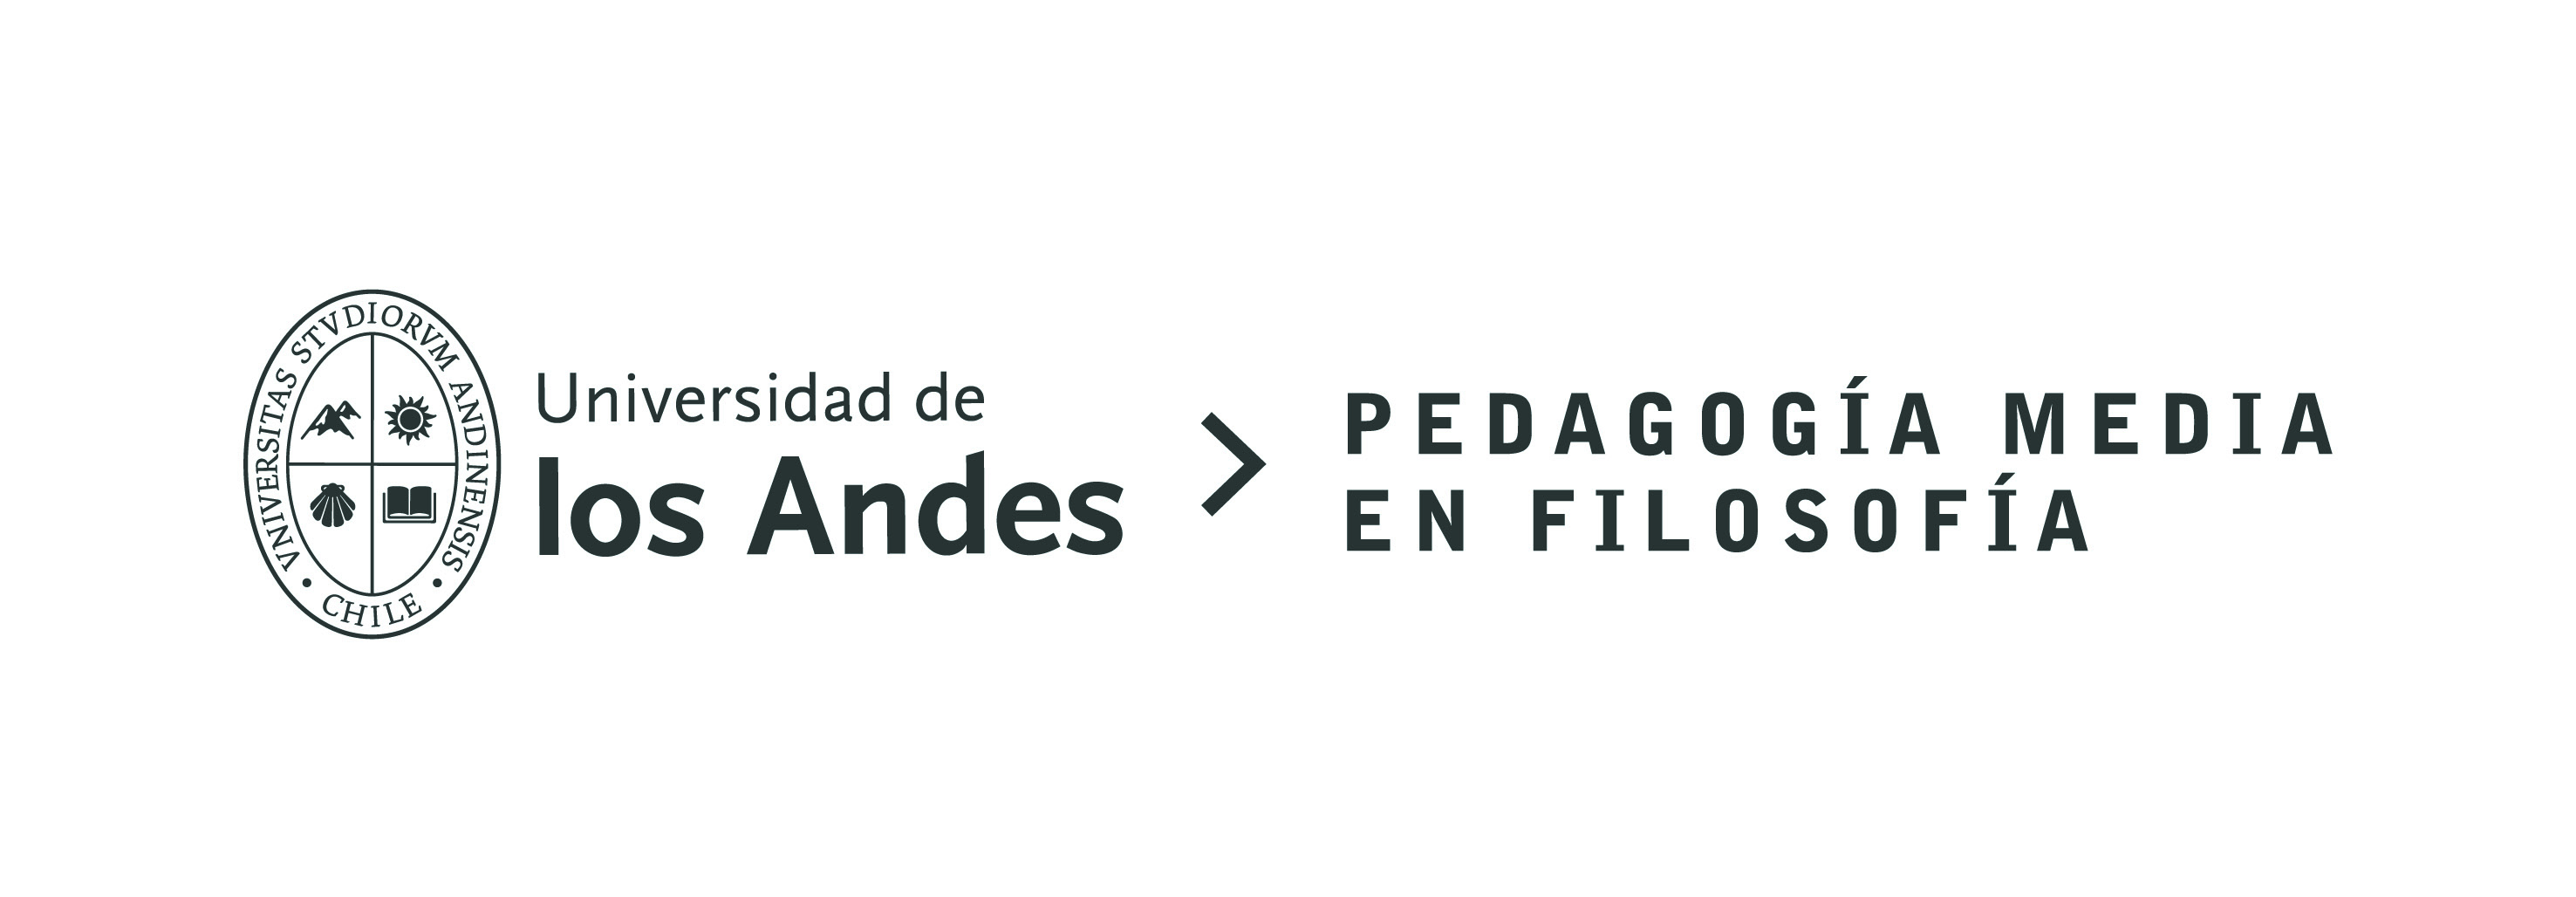 Pedogogía Media en Filosofía